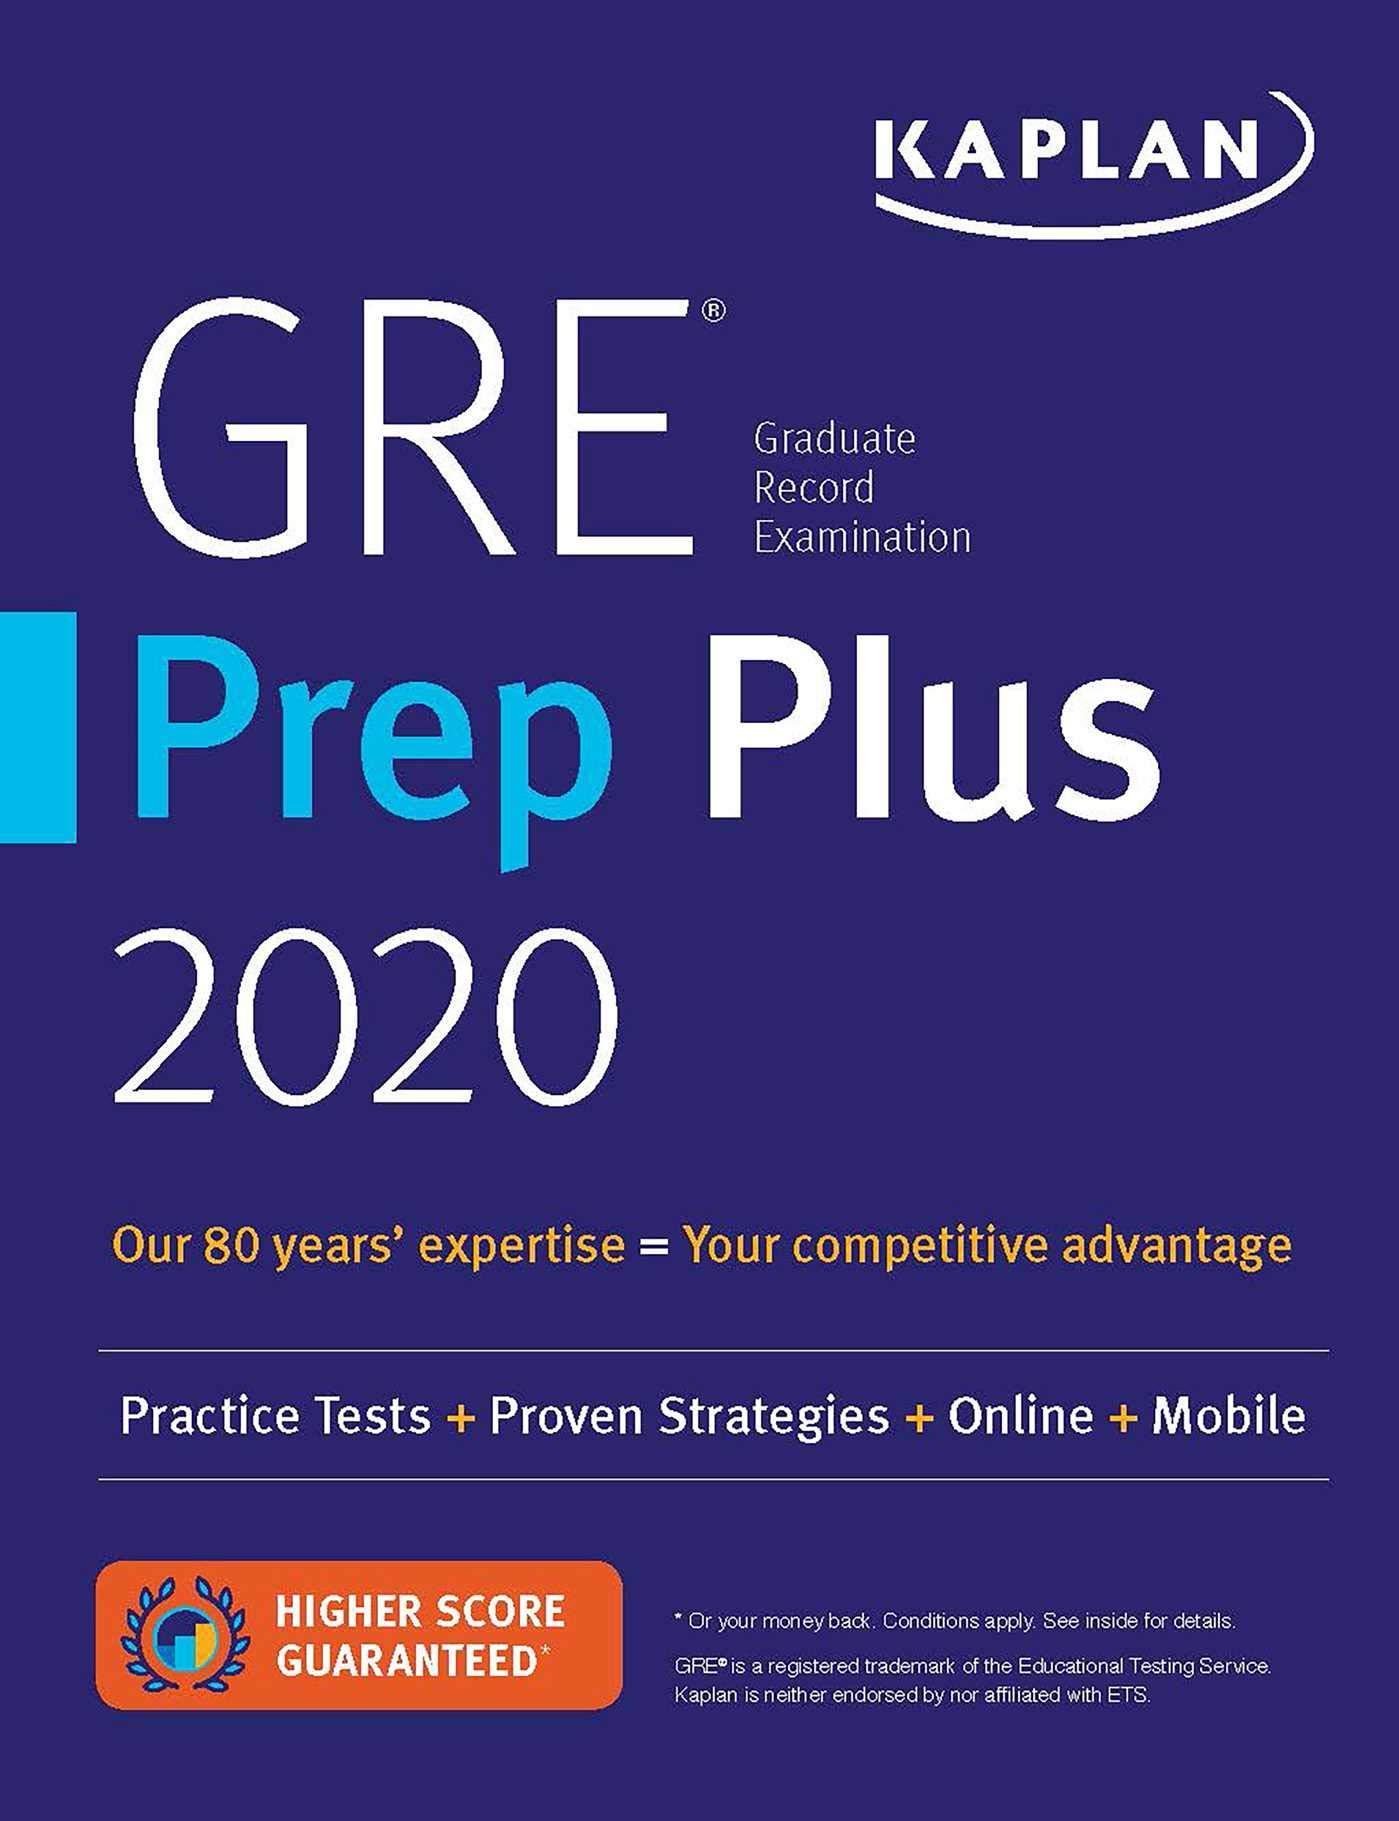 Gre Study Guide Pdf 2020